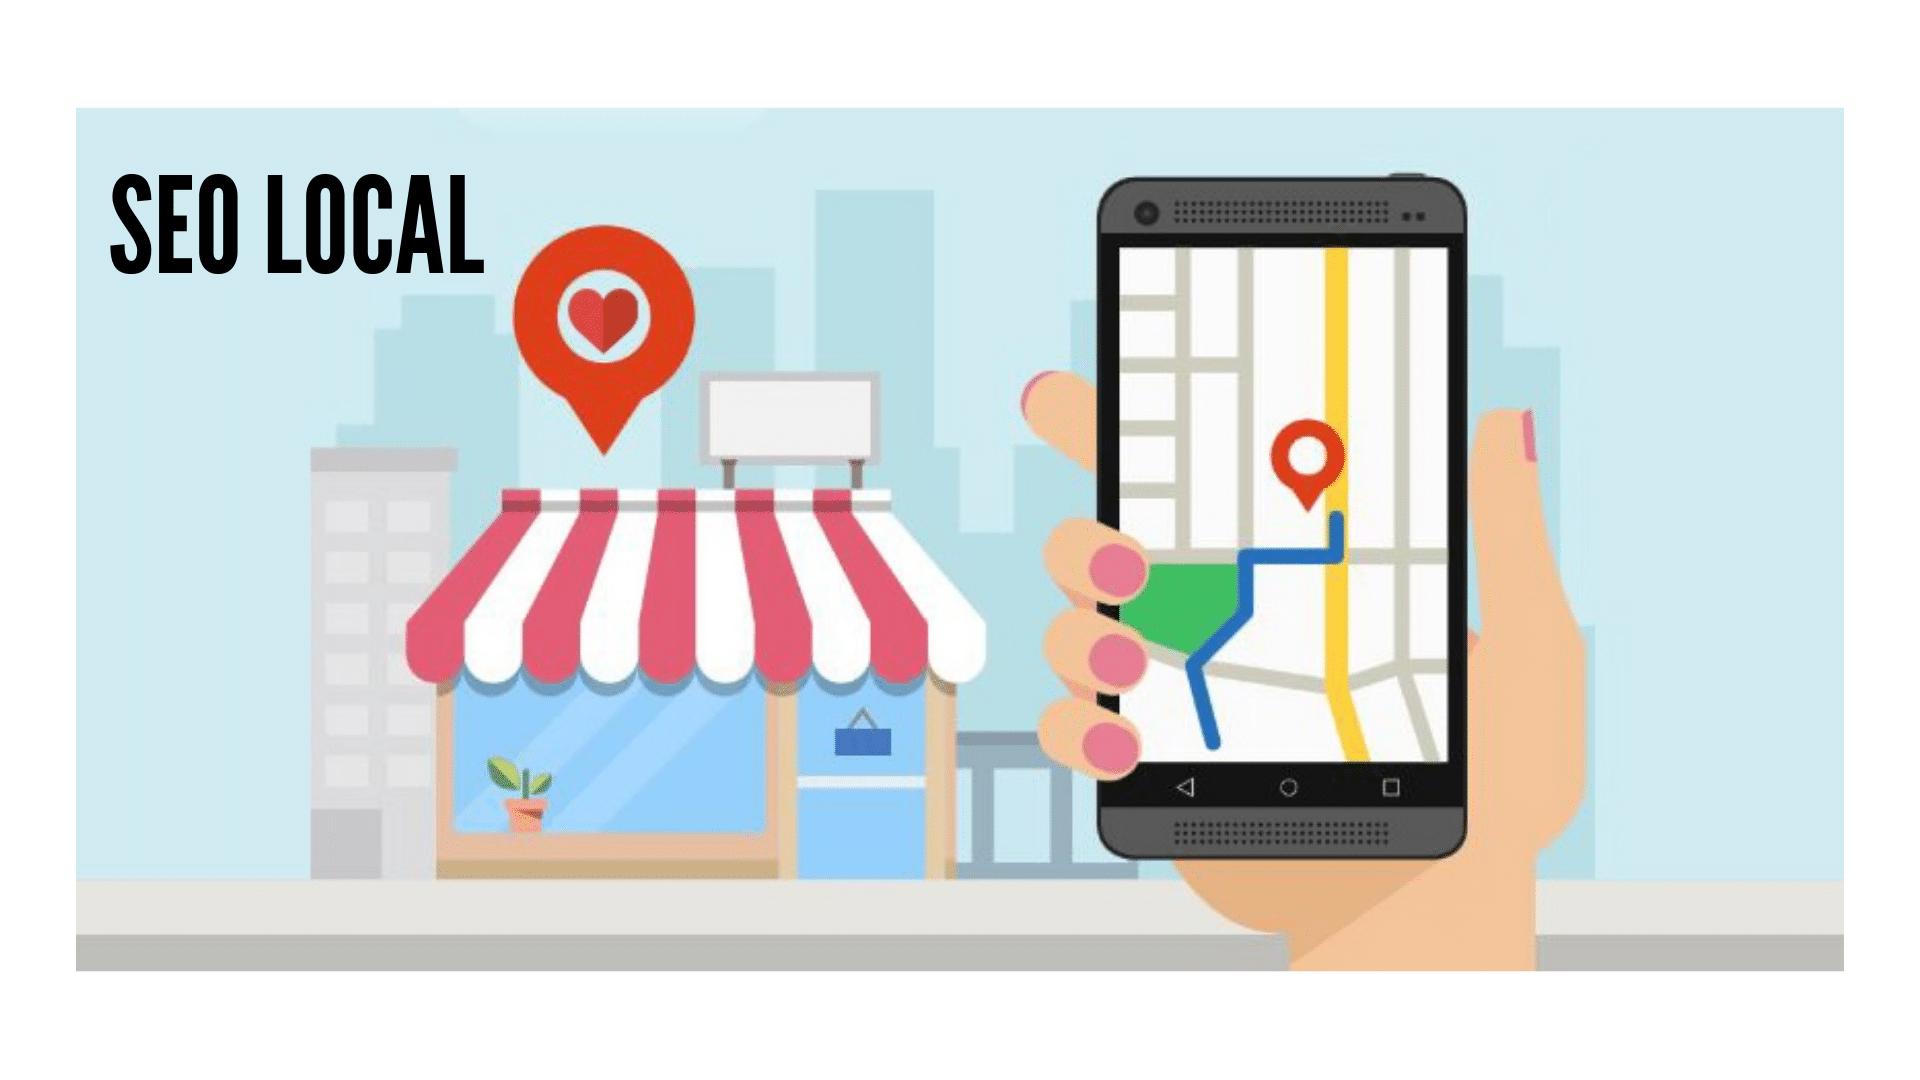 Cómo aplicar el SEO local a mi negocio